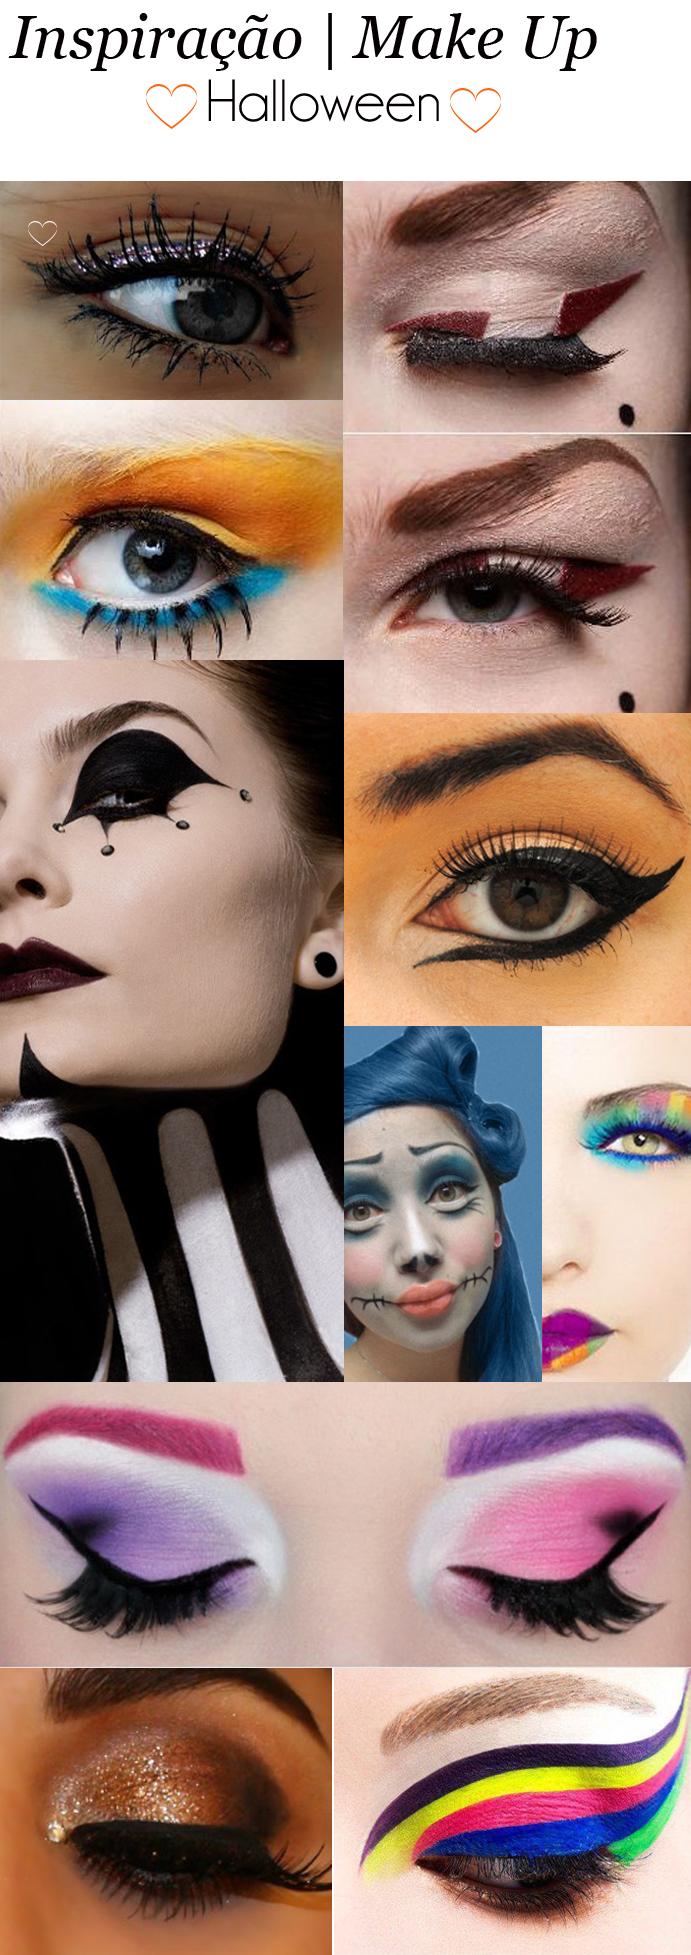 inspiração-para-o-halloween maquiagem